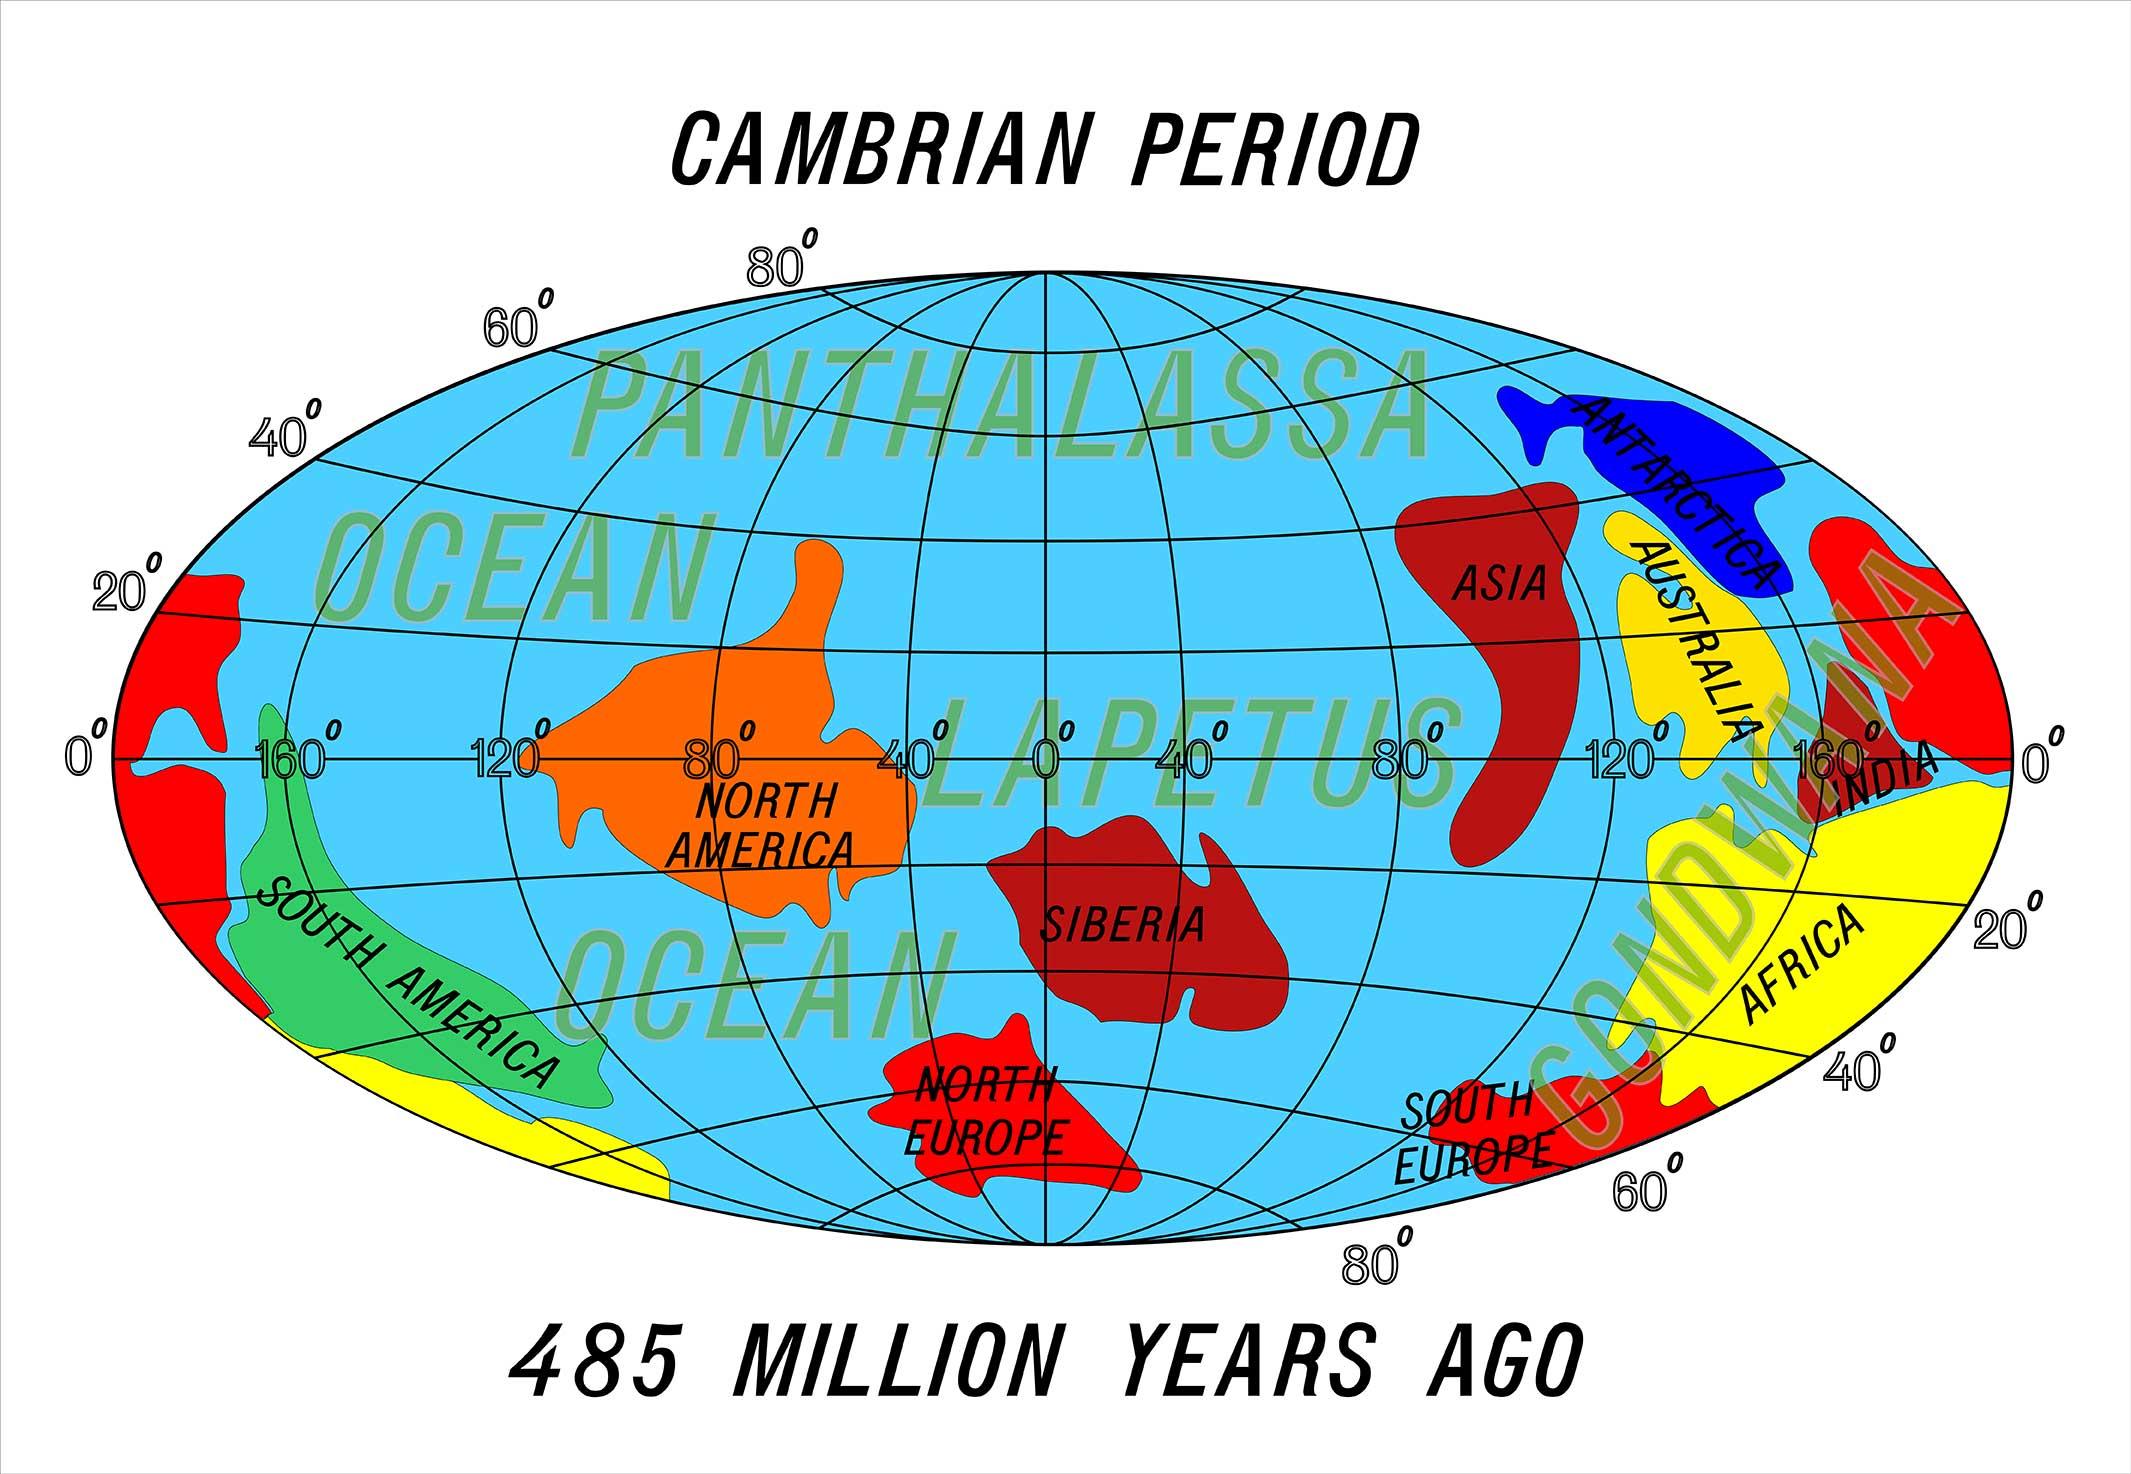 カンブリア紀とは